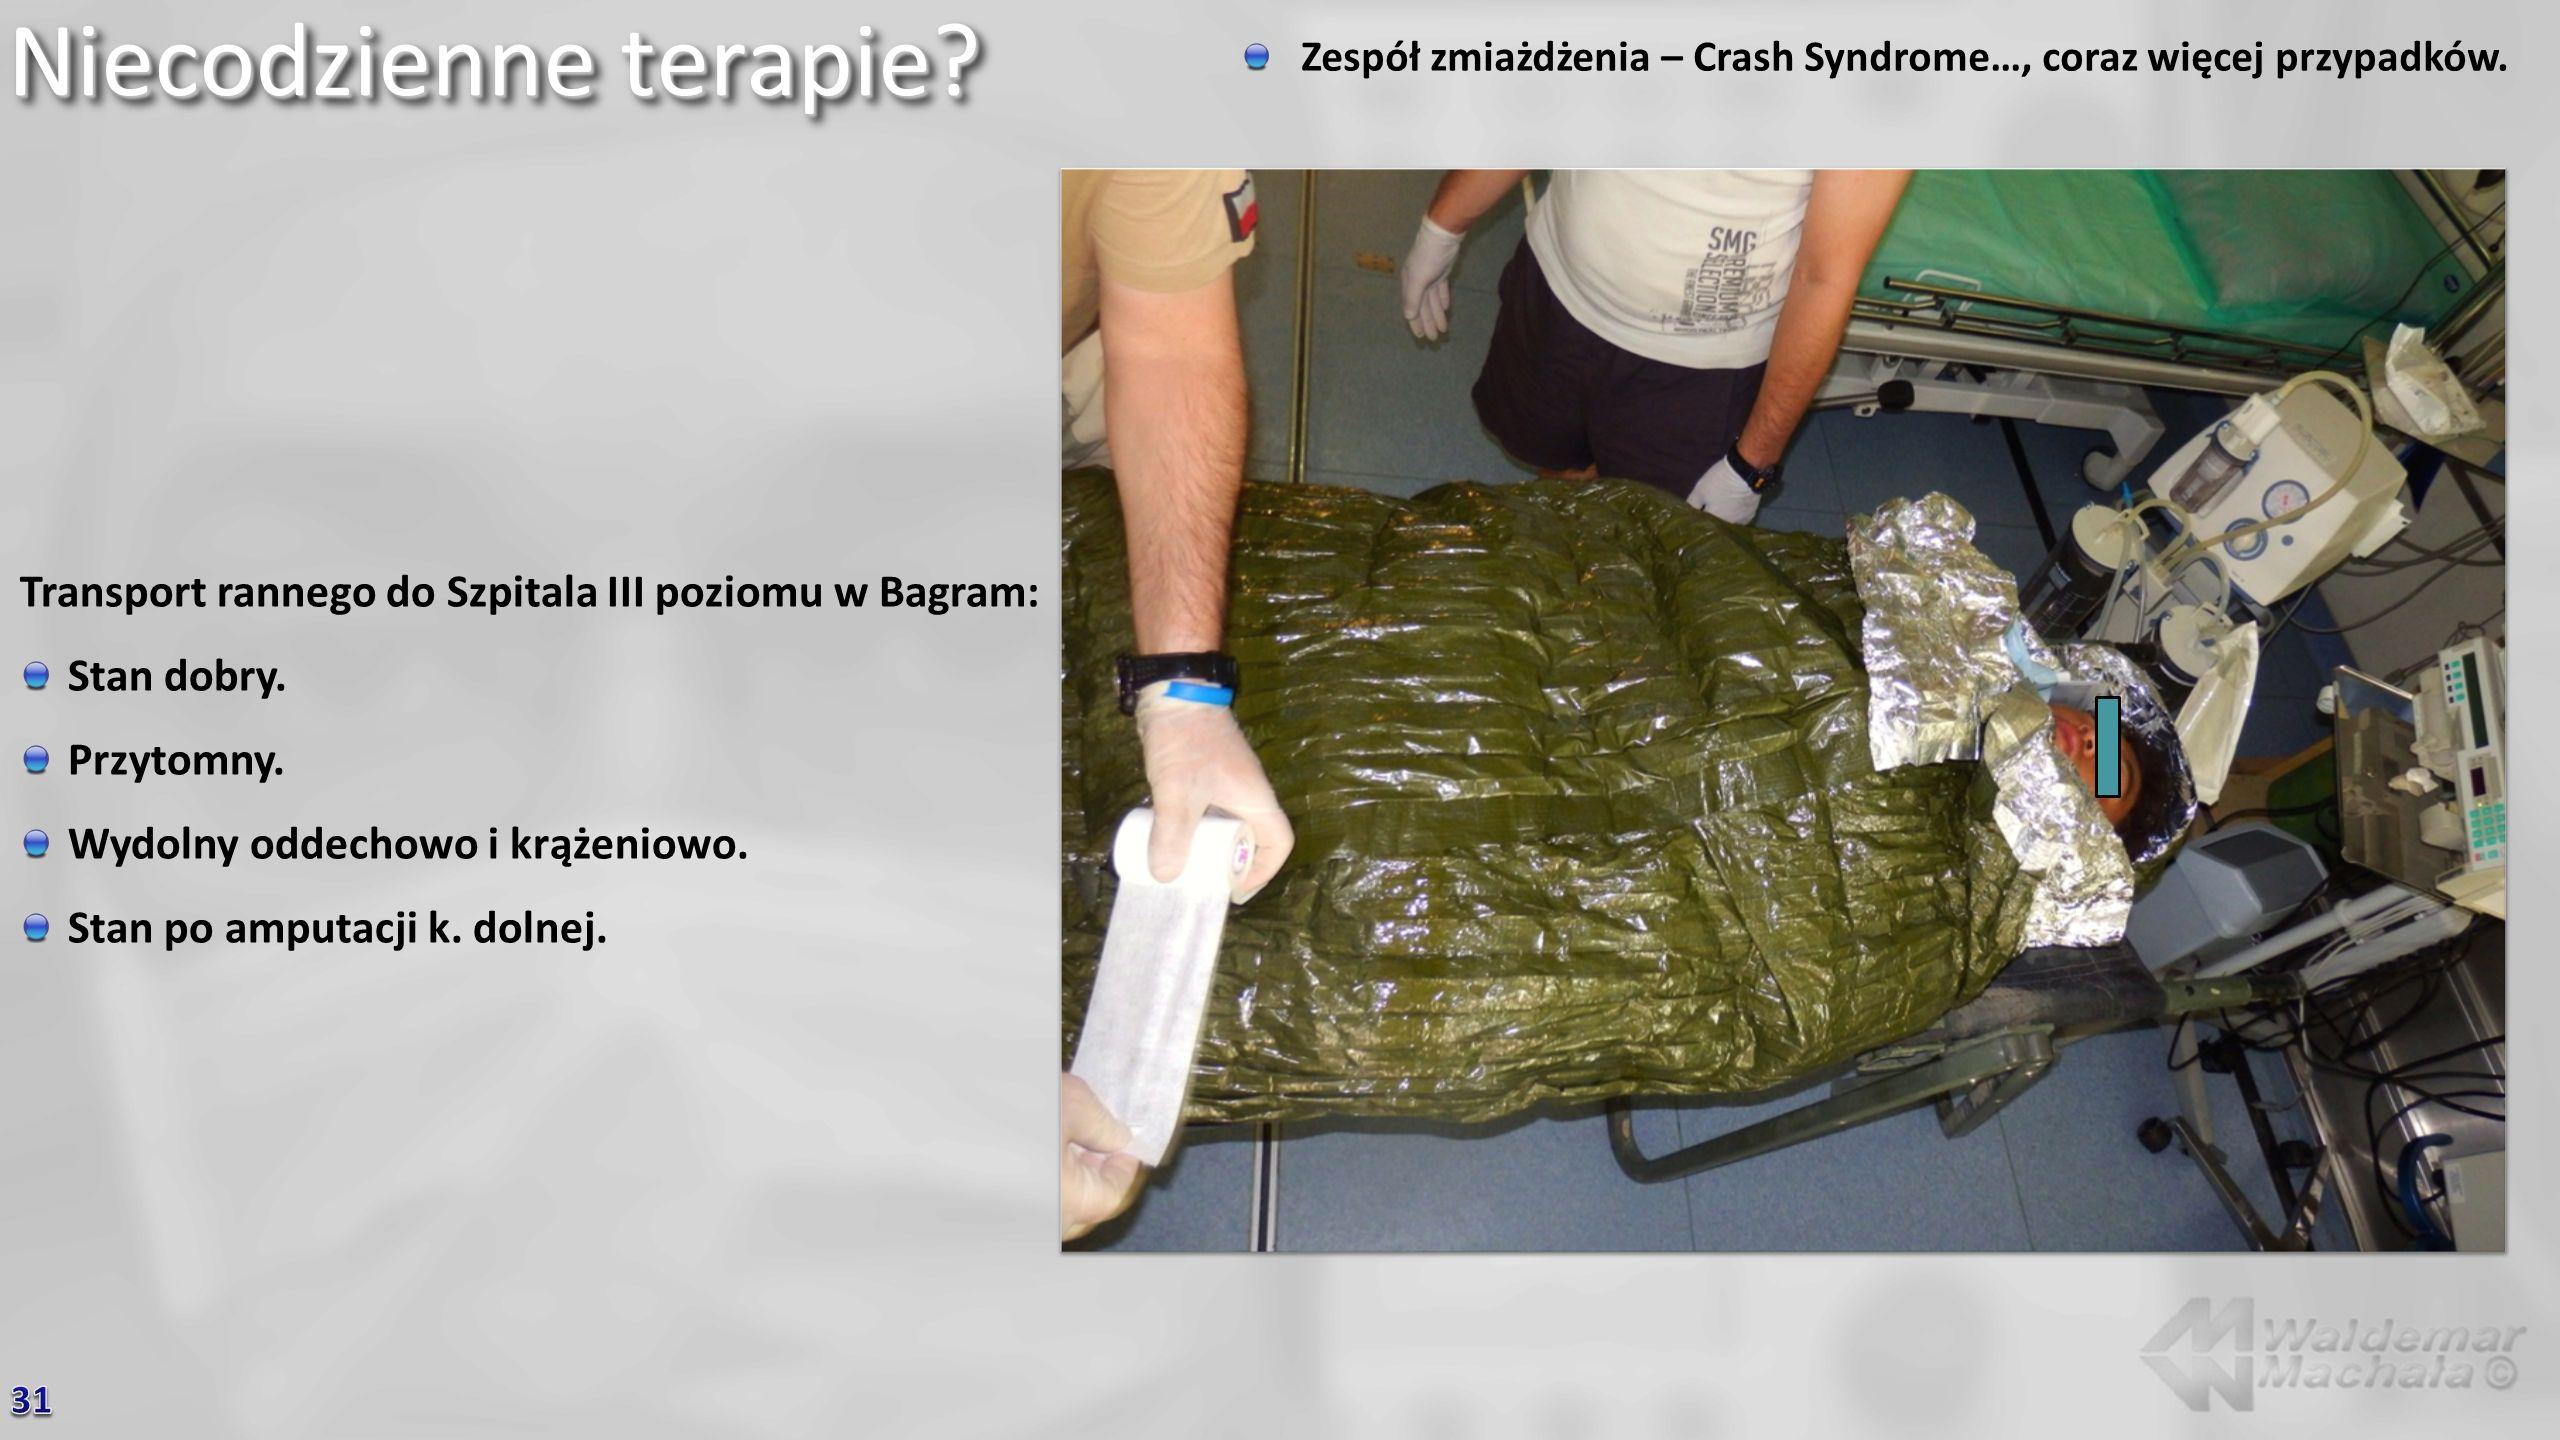 Niecodzienne terapie? Zespół zmiażdżenia – Crash Syndrome…, coraz więcej przypadków. Transport rannego do Szpitala III poziomu w Bagram: Stan dobry. P